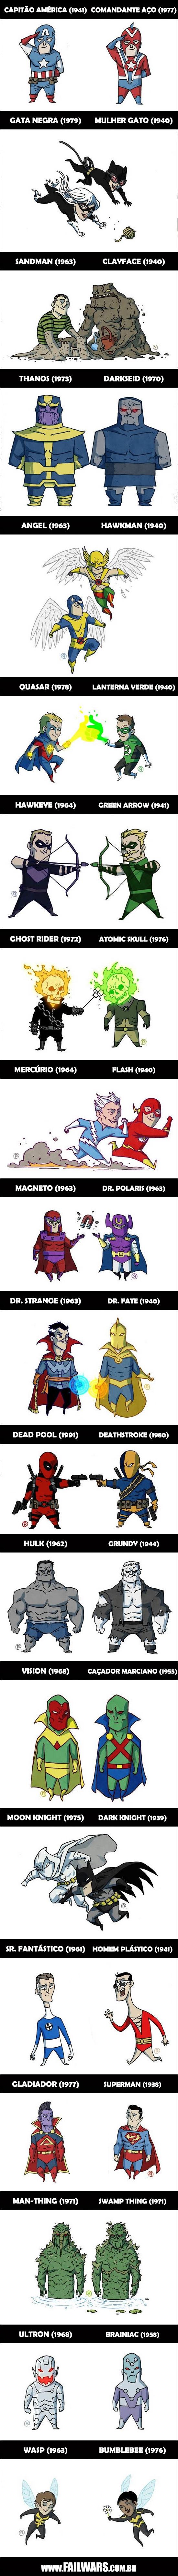 inforgrafia personajes comics identicos marvel dc comics